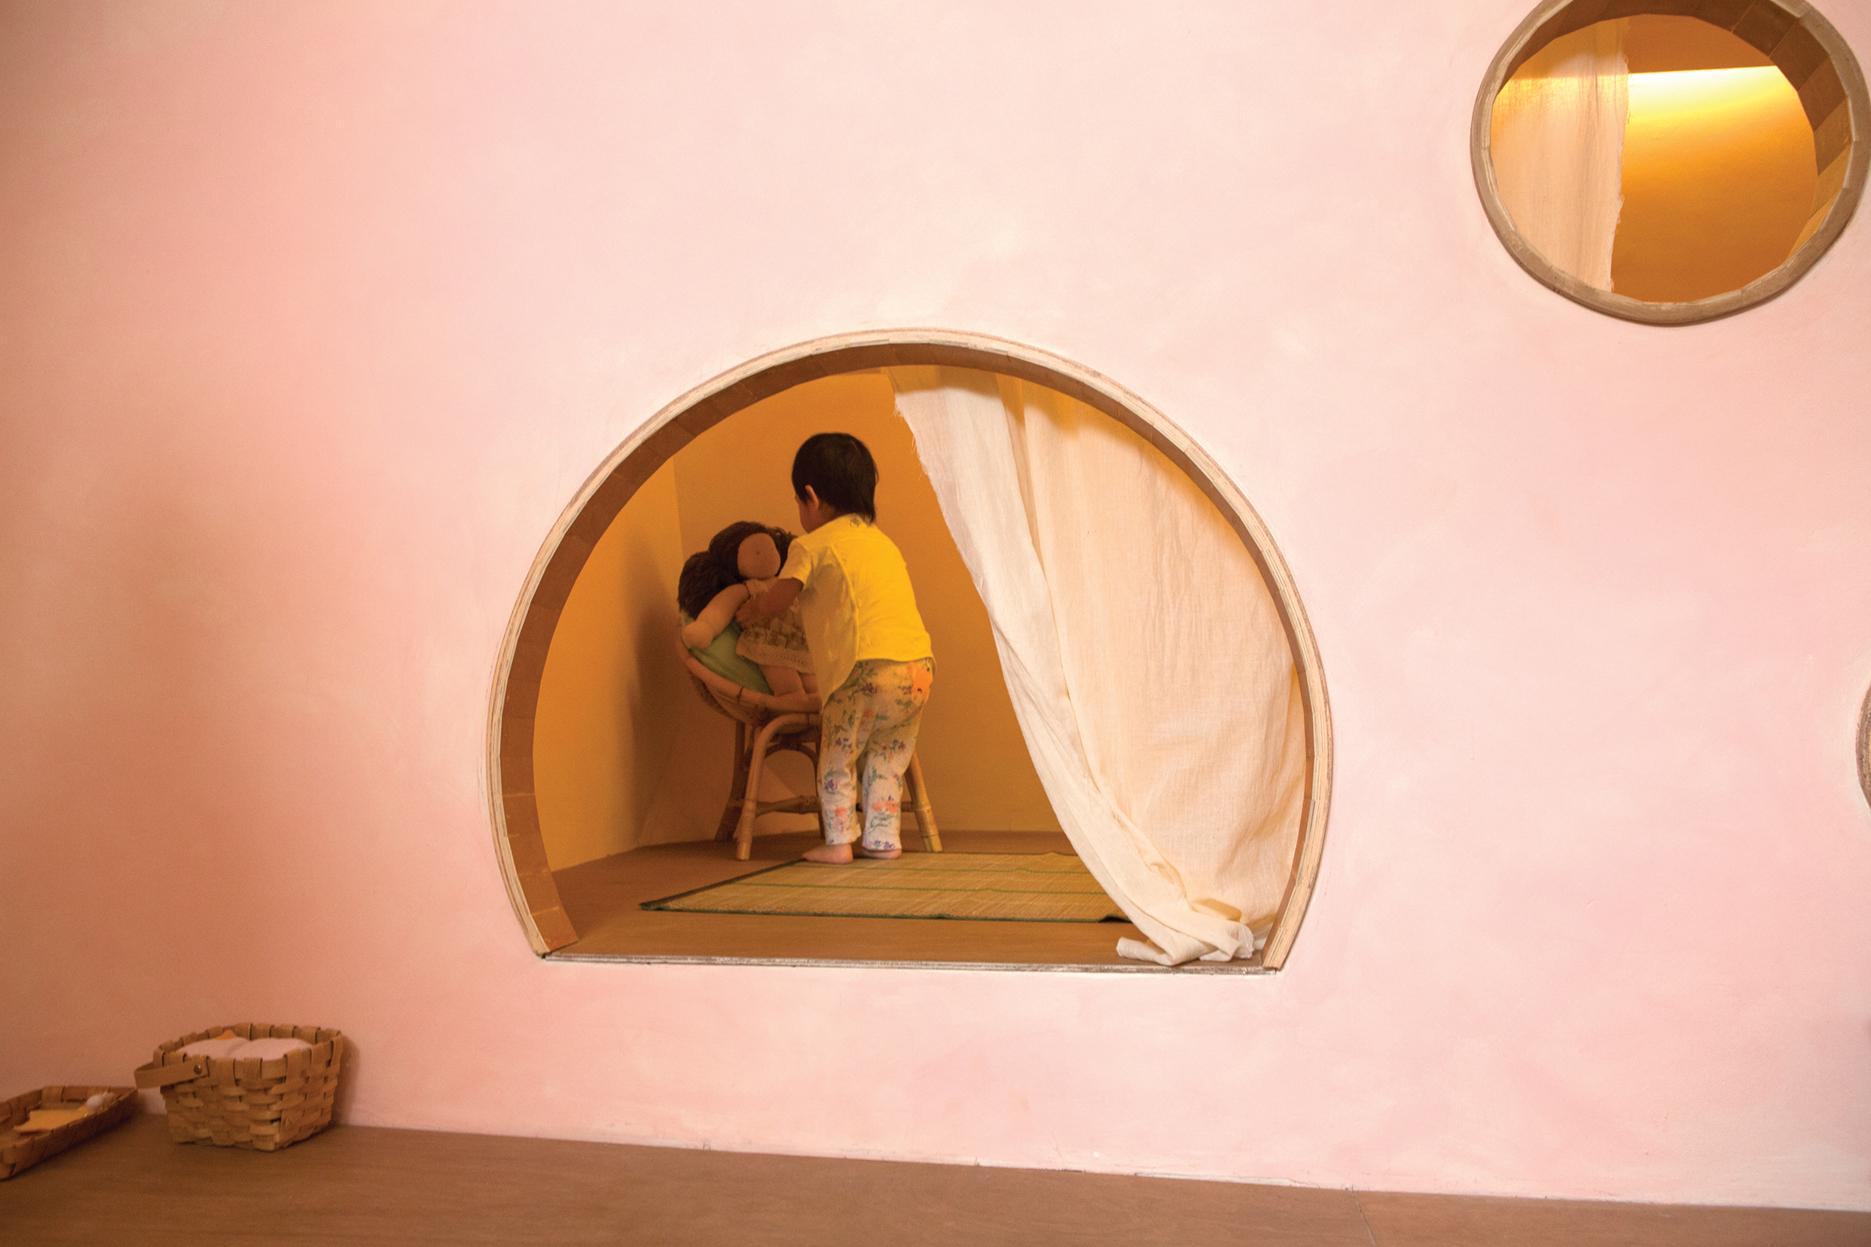 Honorable Mention In Responsive Design Wondrous Light Children's House 03